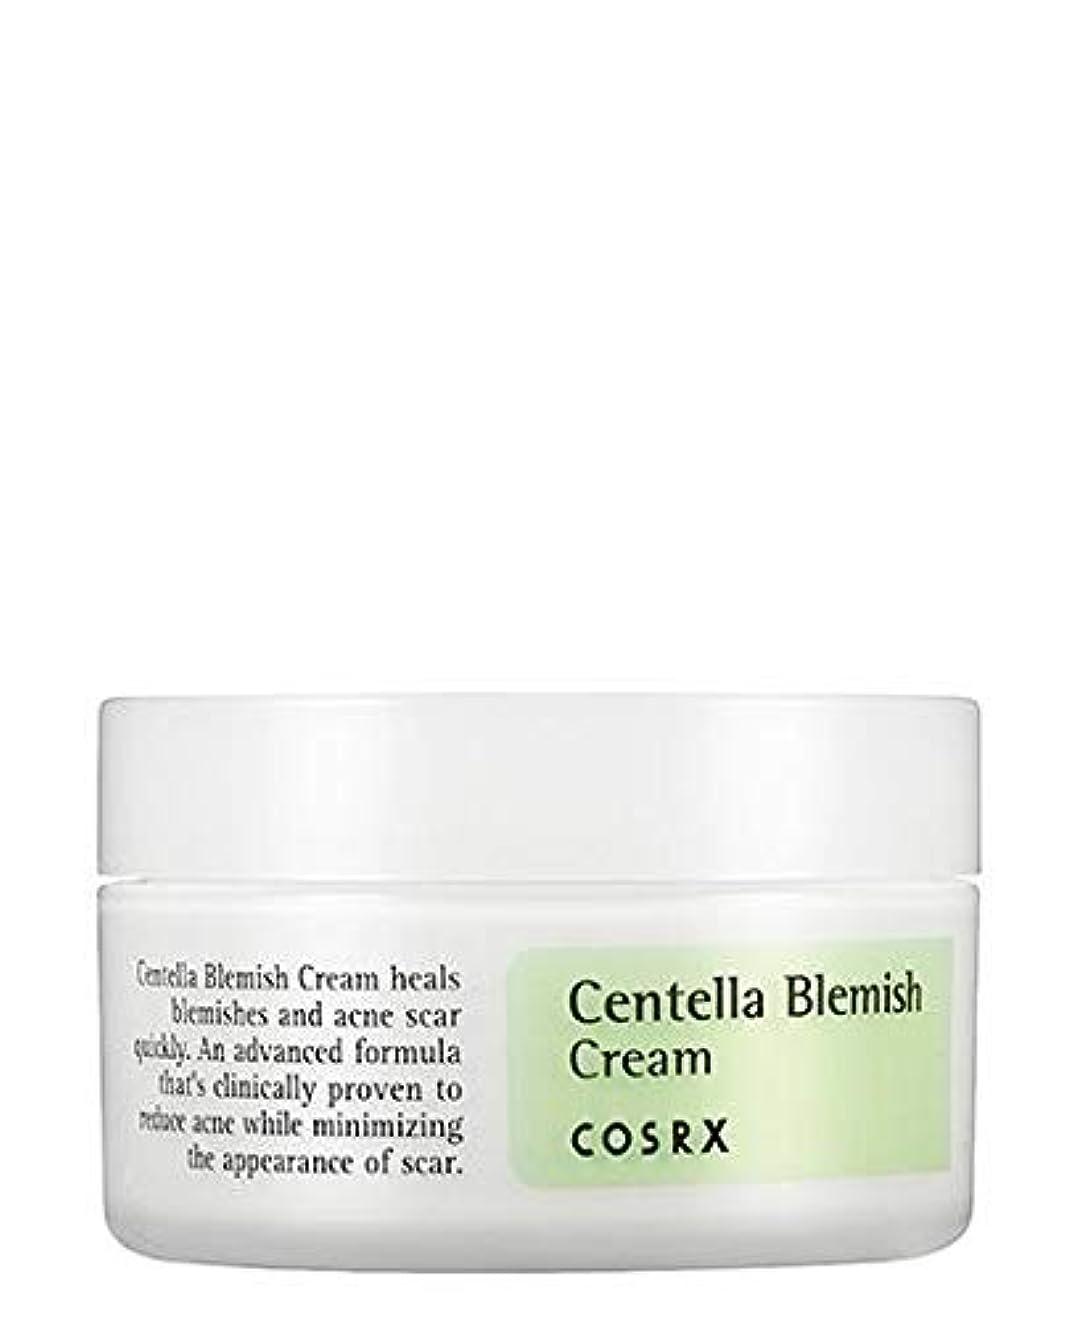 可動晩餐オーケストラCOSRX Centella Blemish Cream (並行輸入品)